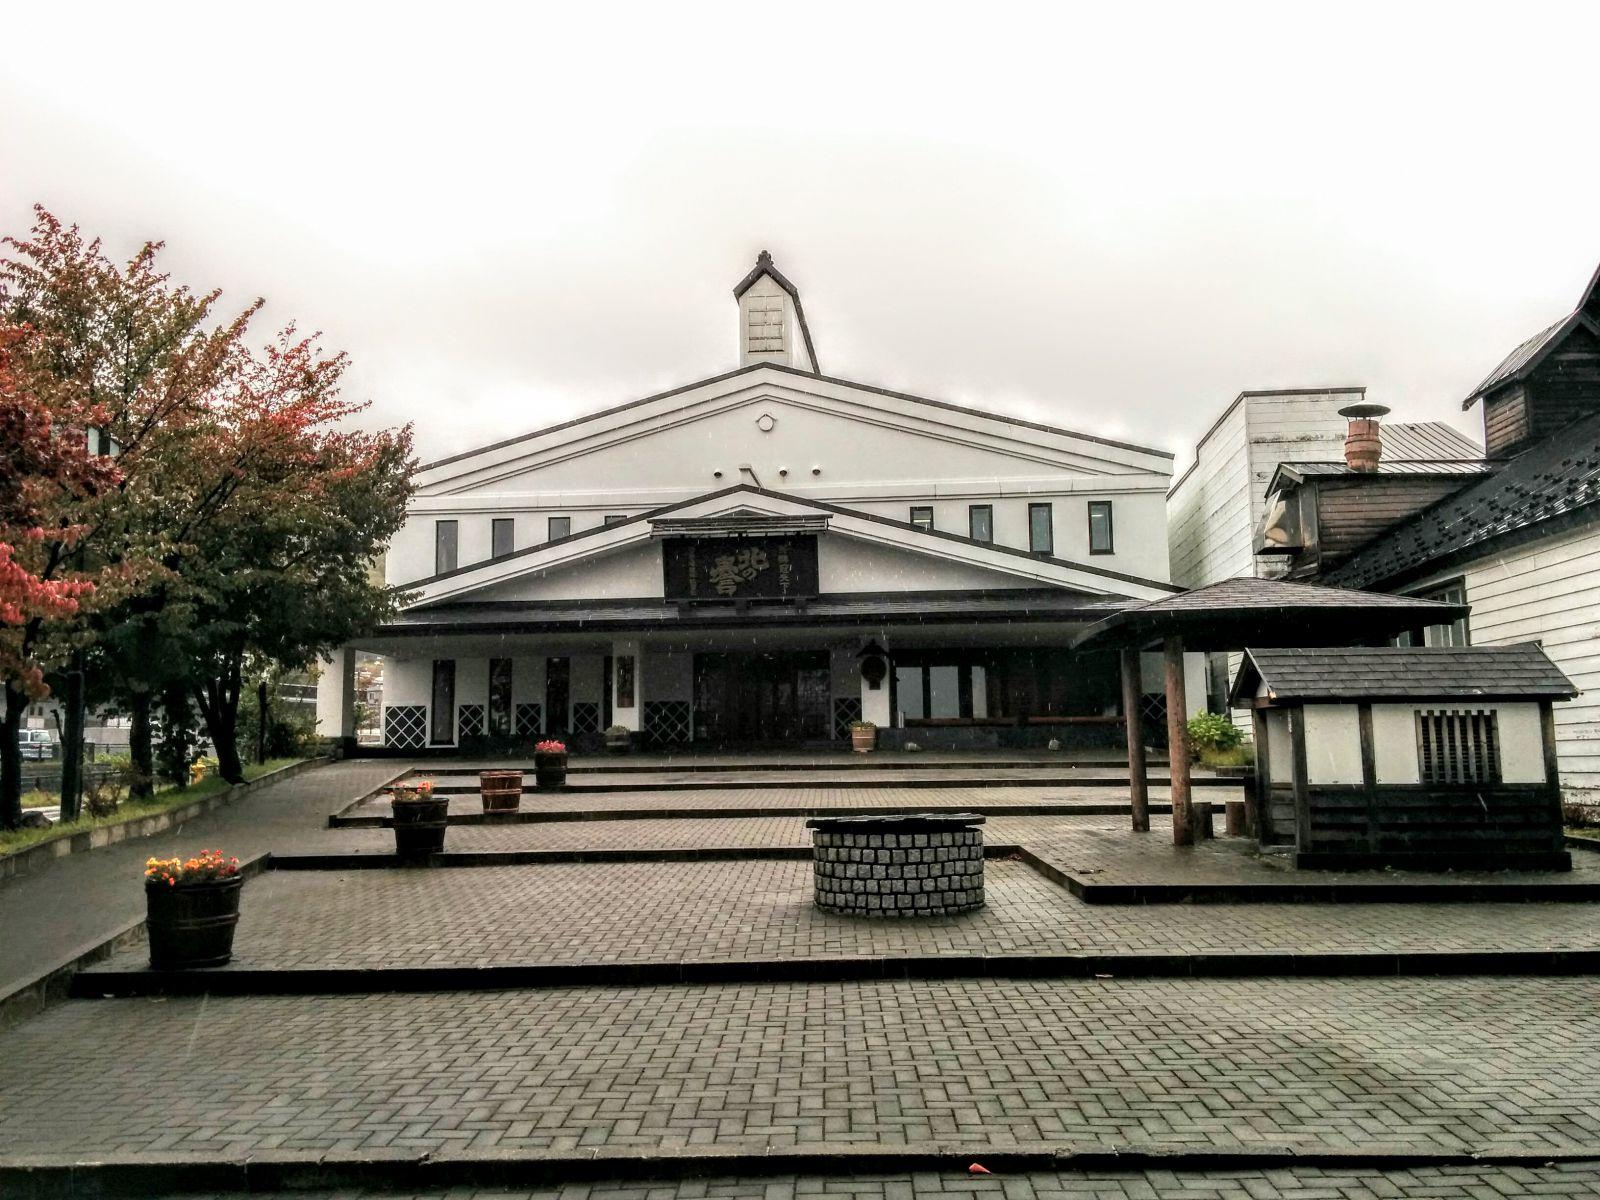 【小樽市】小樽・北の誉酒泉館観光案内です。